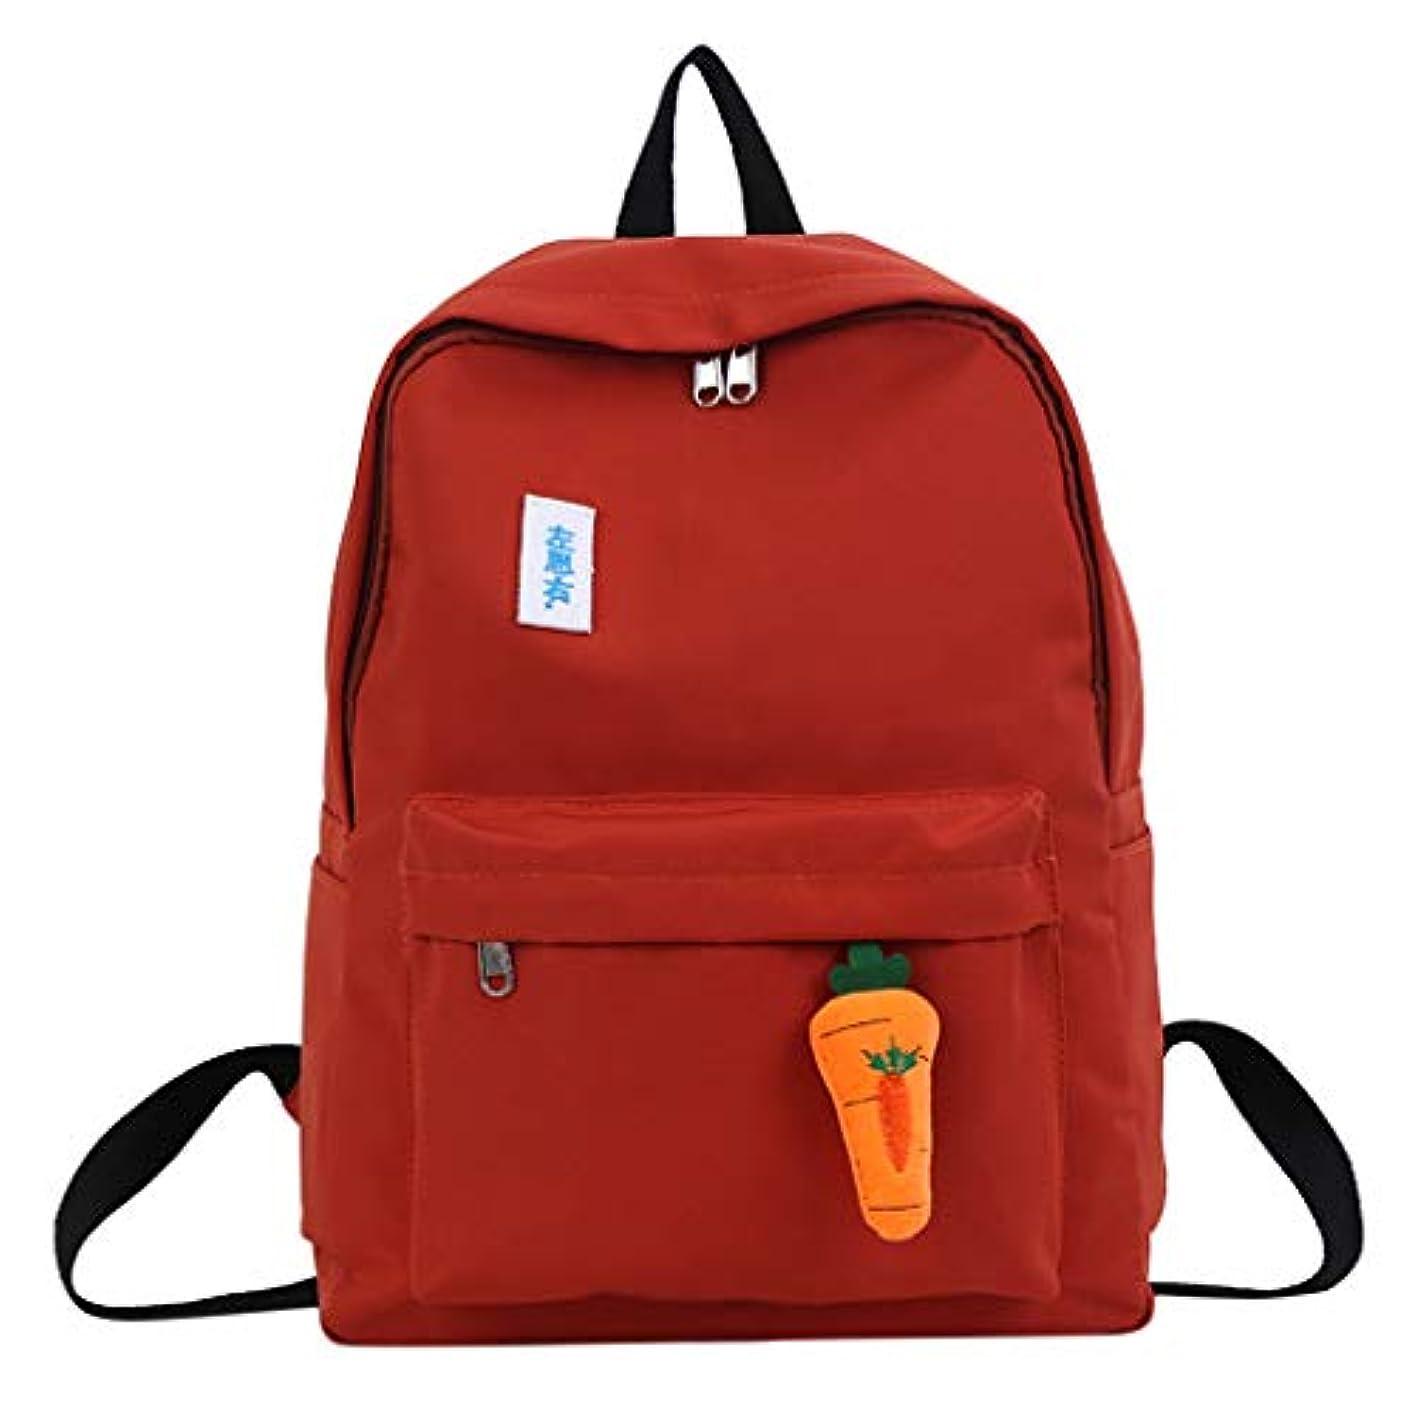 ストレッチ従事するあえぎ女子学生カジュアルファッションシンプルなバックパック軽量キャンバスバックパックガールズ屋外大容量かわいいヴィンテージバッグ